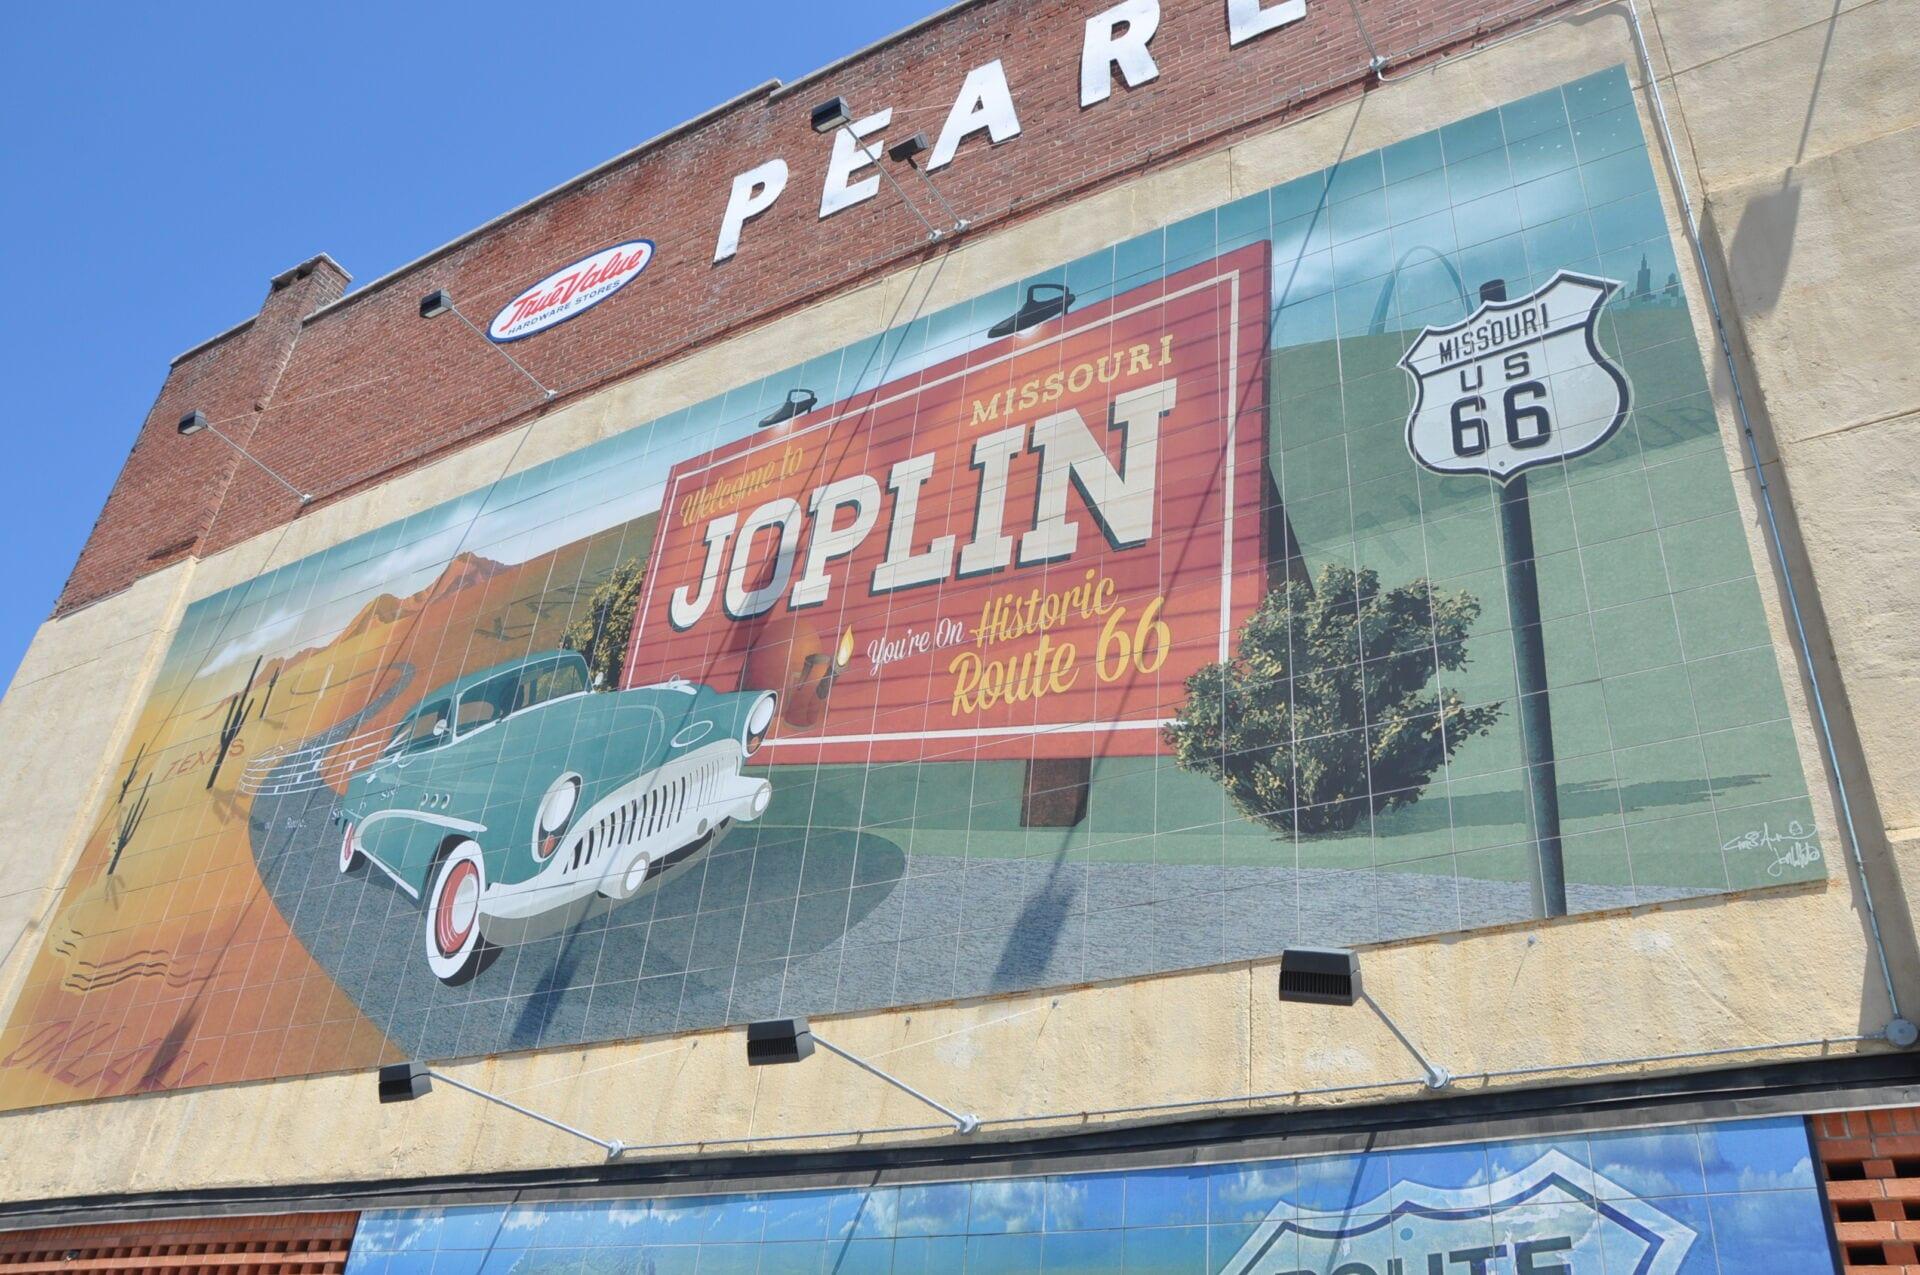 Joplin Route 66 Mural